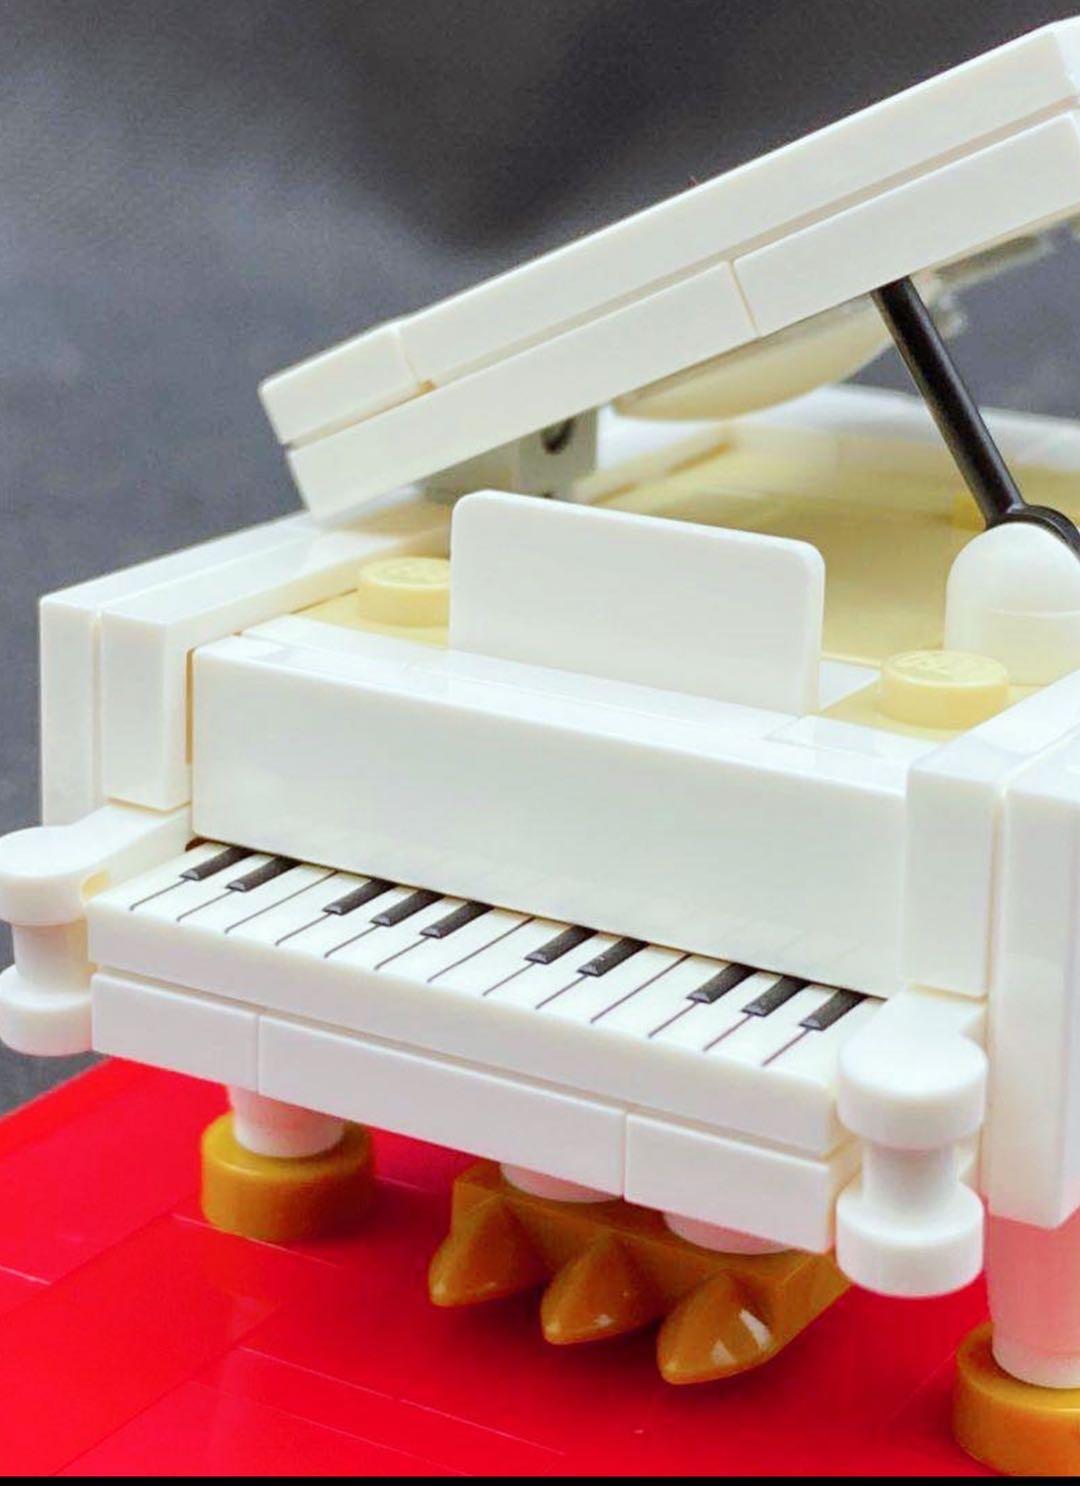 乐高小钢琴21323迷你版moc钢琴